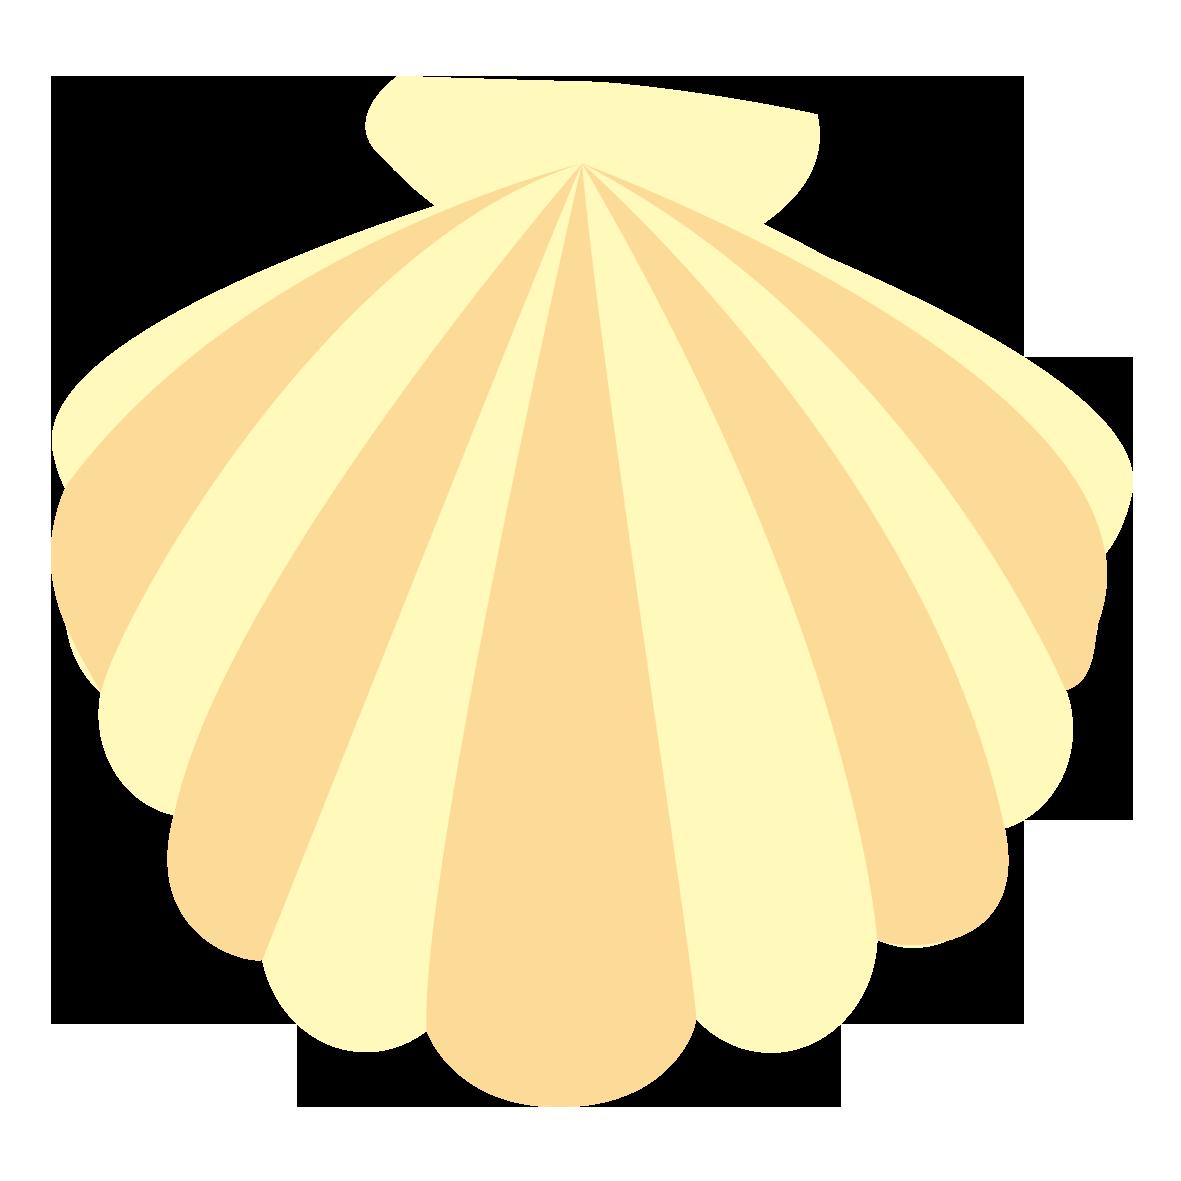 貝殻のイラスト一覧 無料イラスト愛